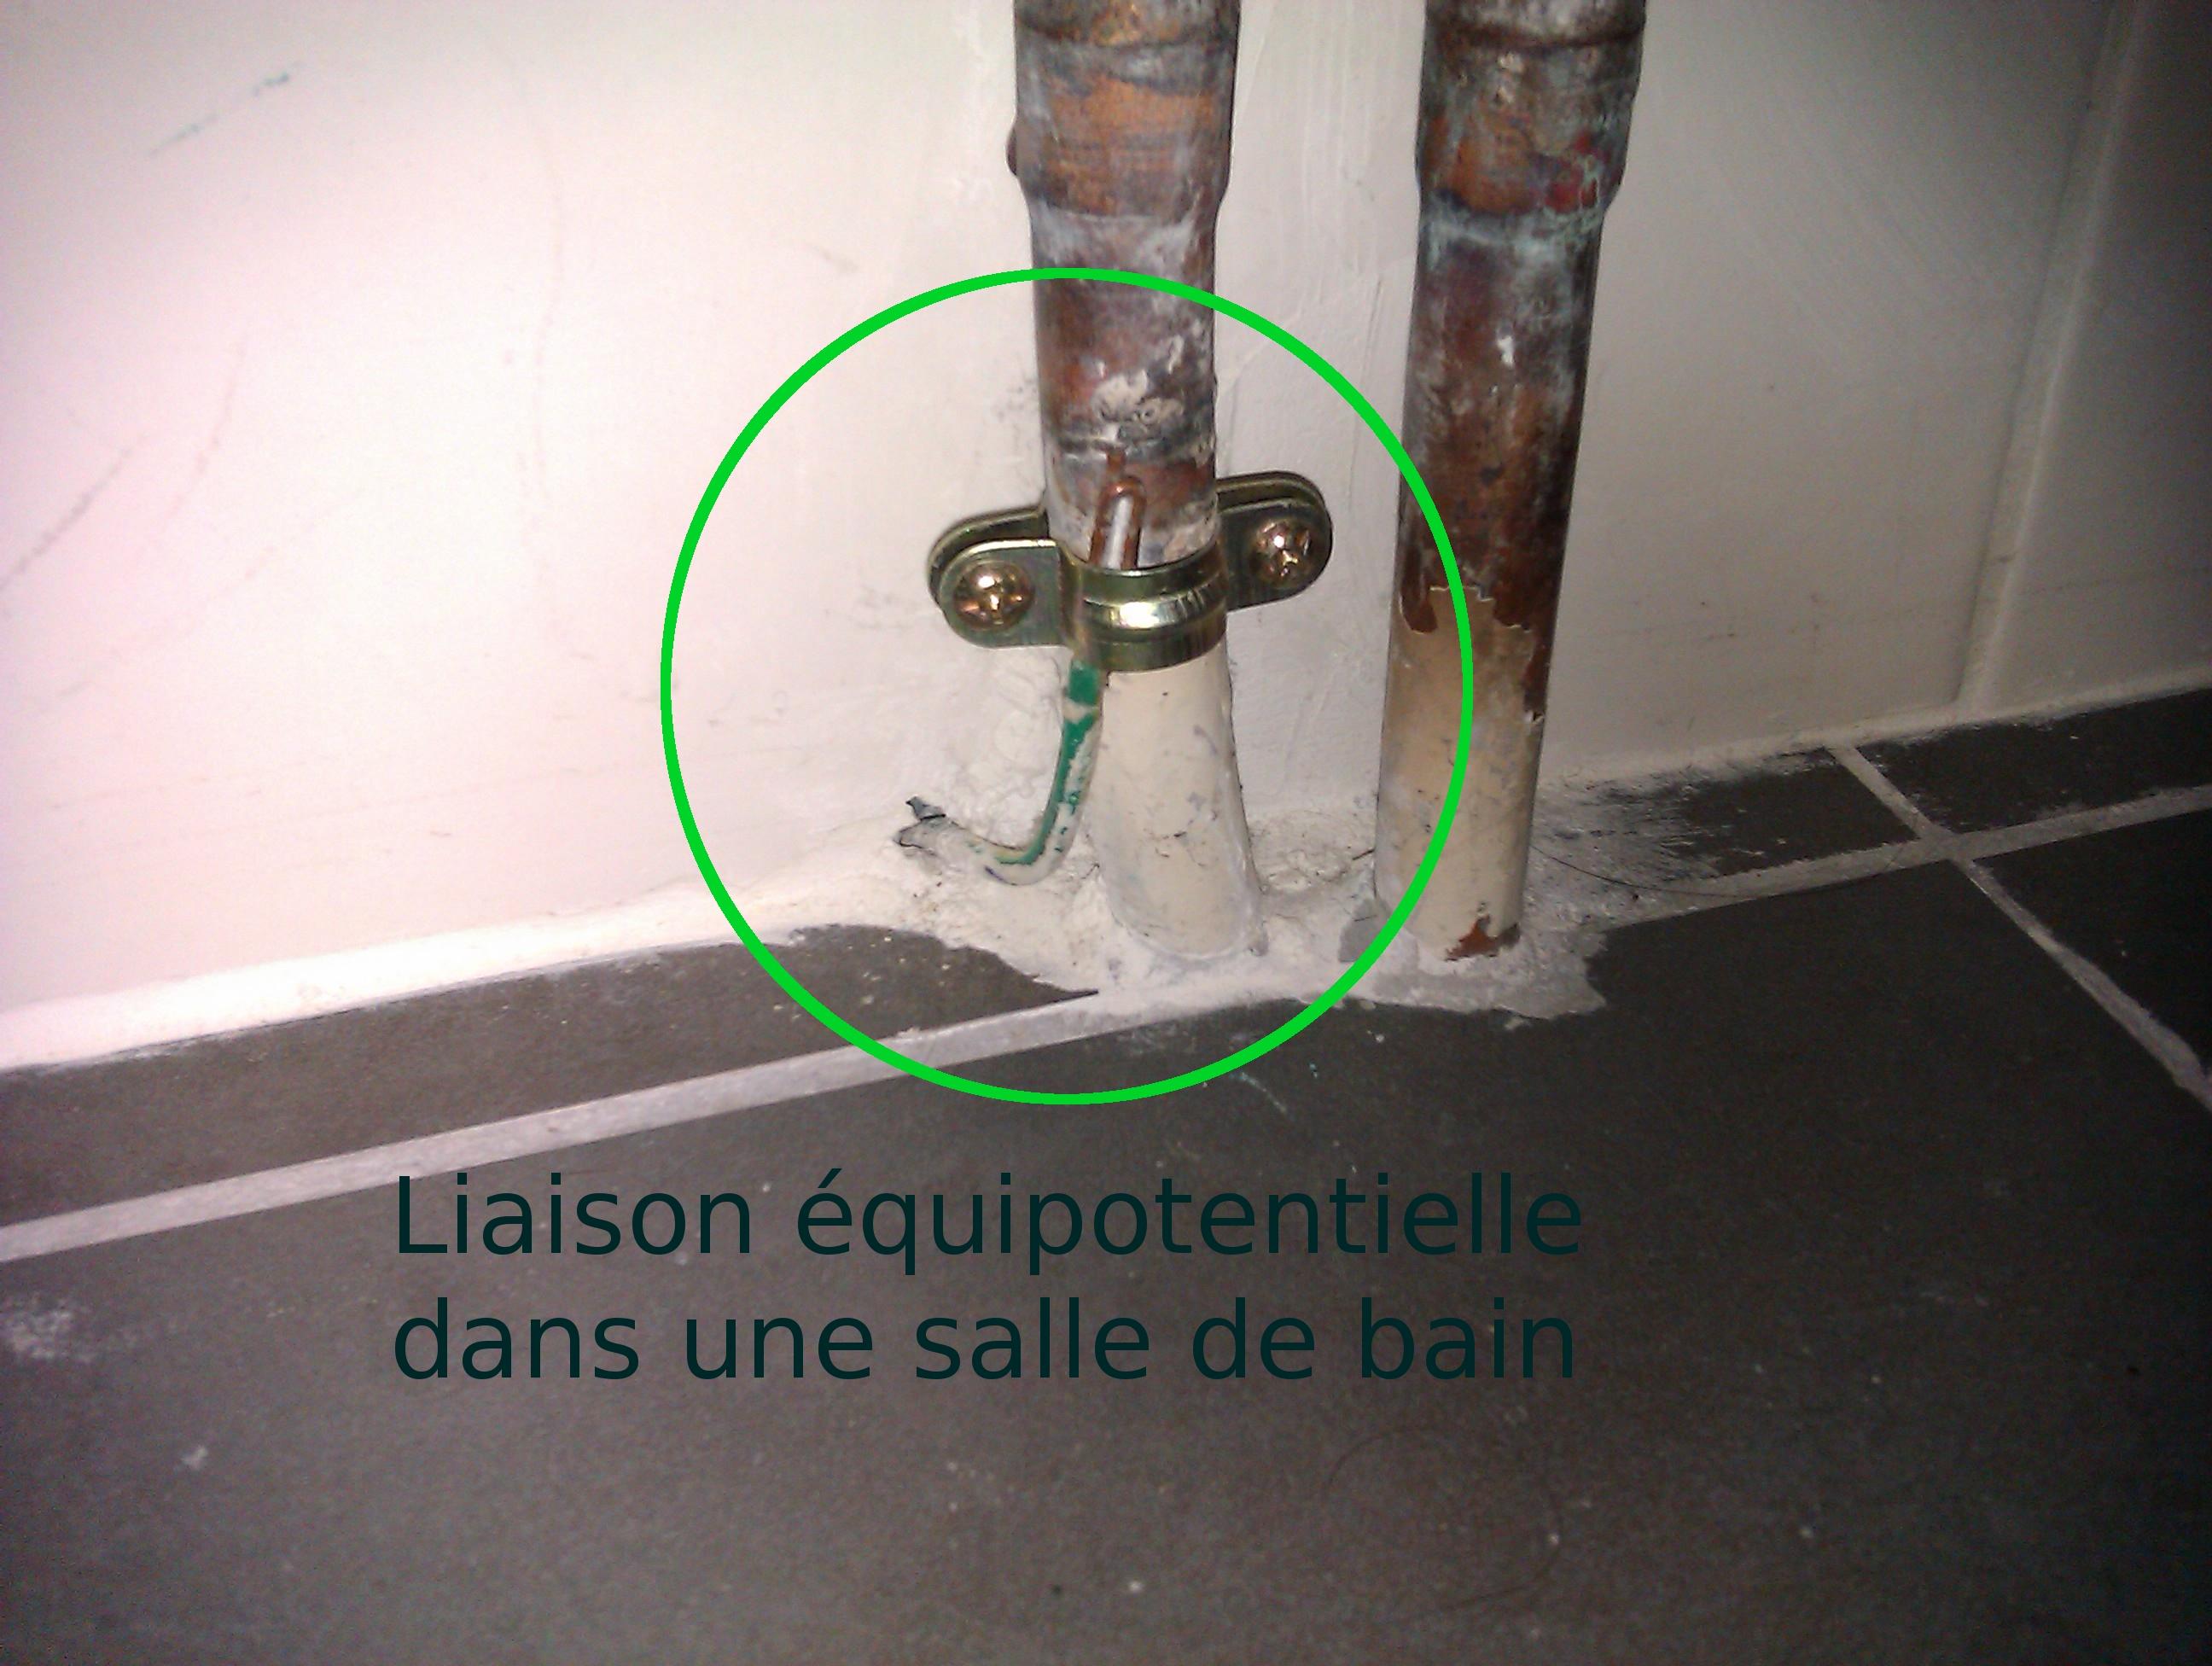 Index of images - Liaison equipotentielle salle de bain ...